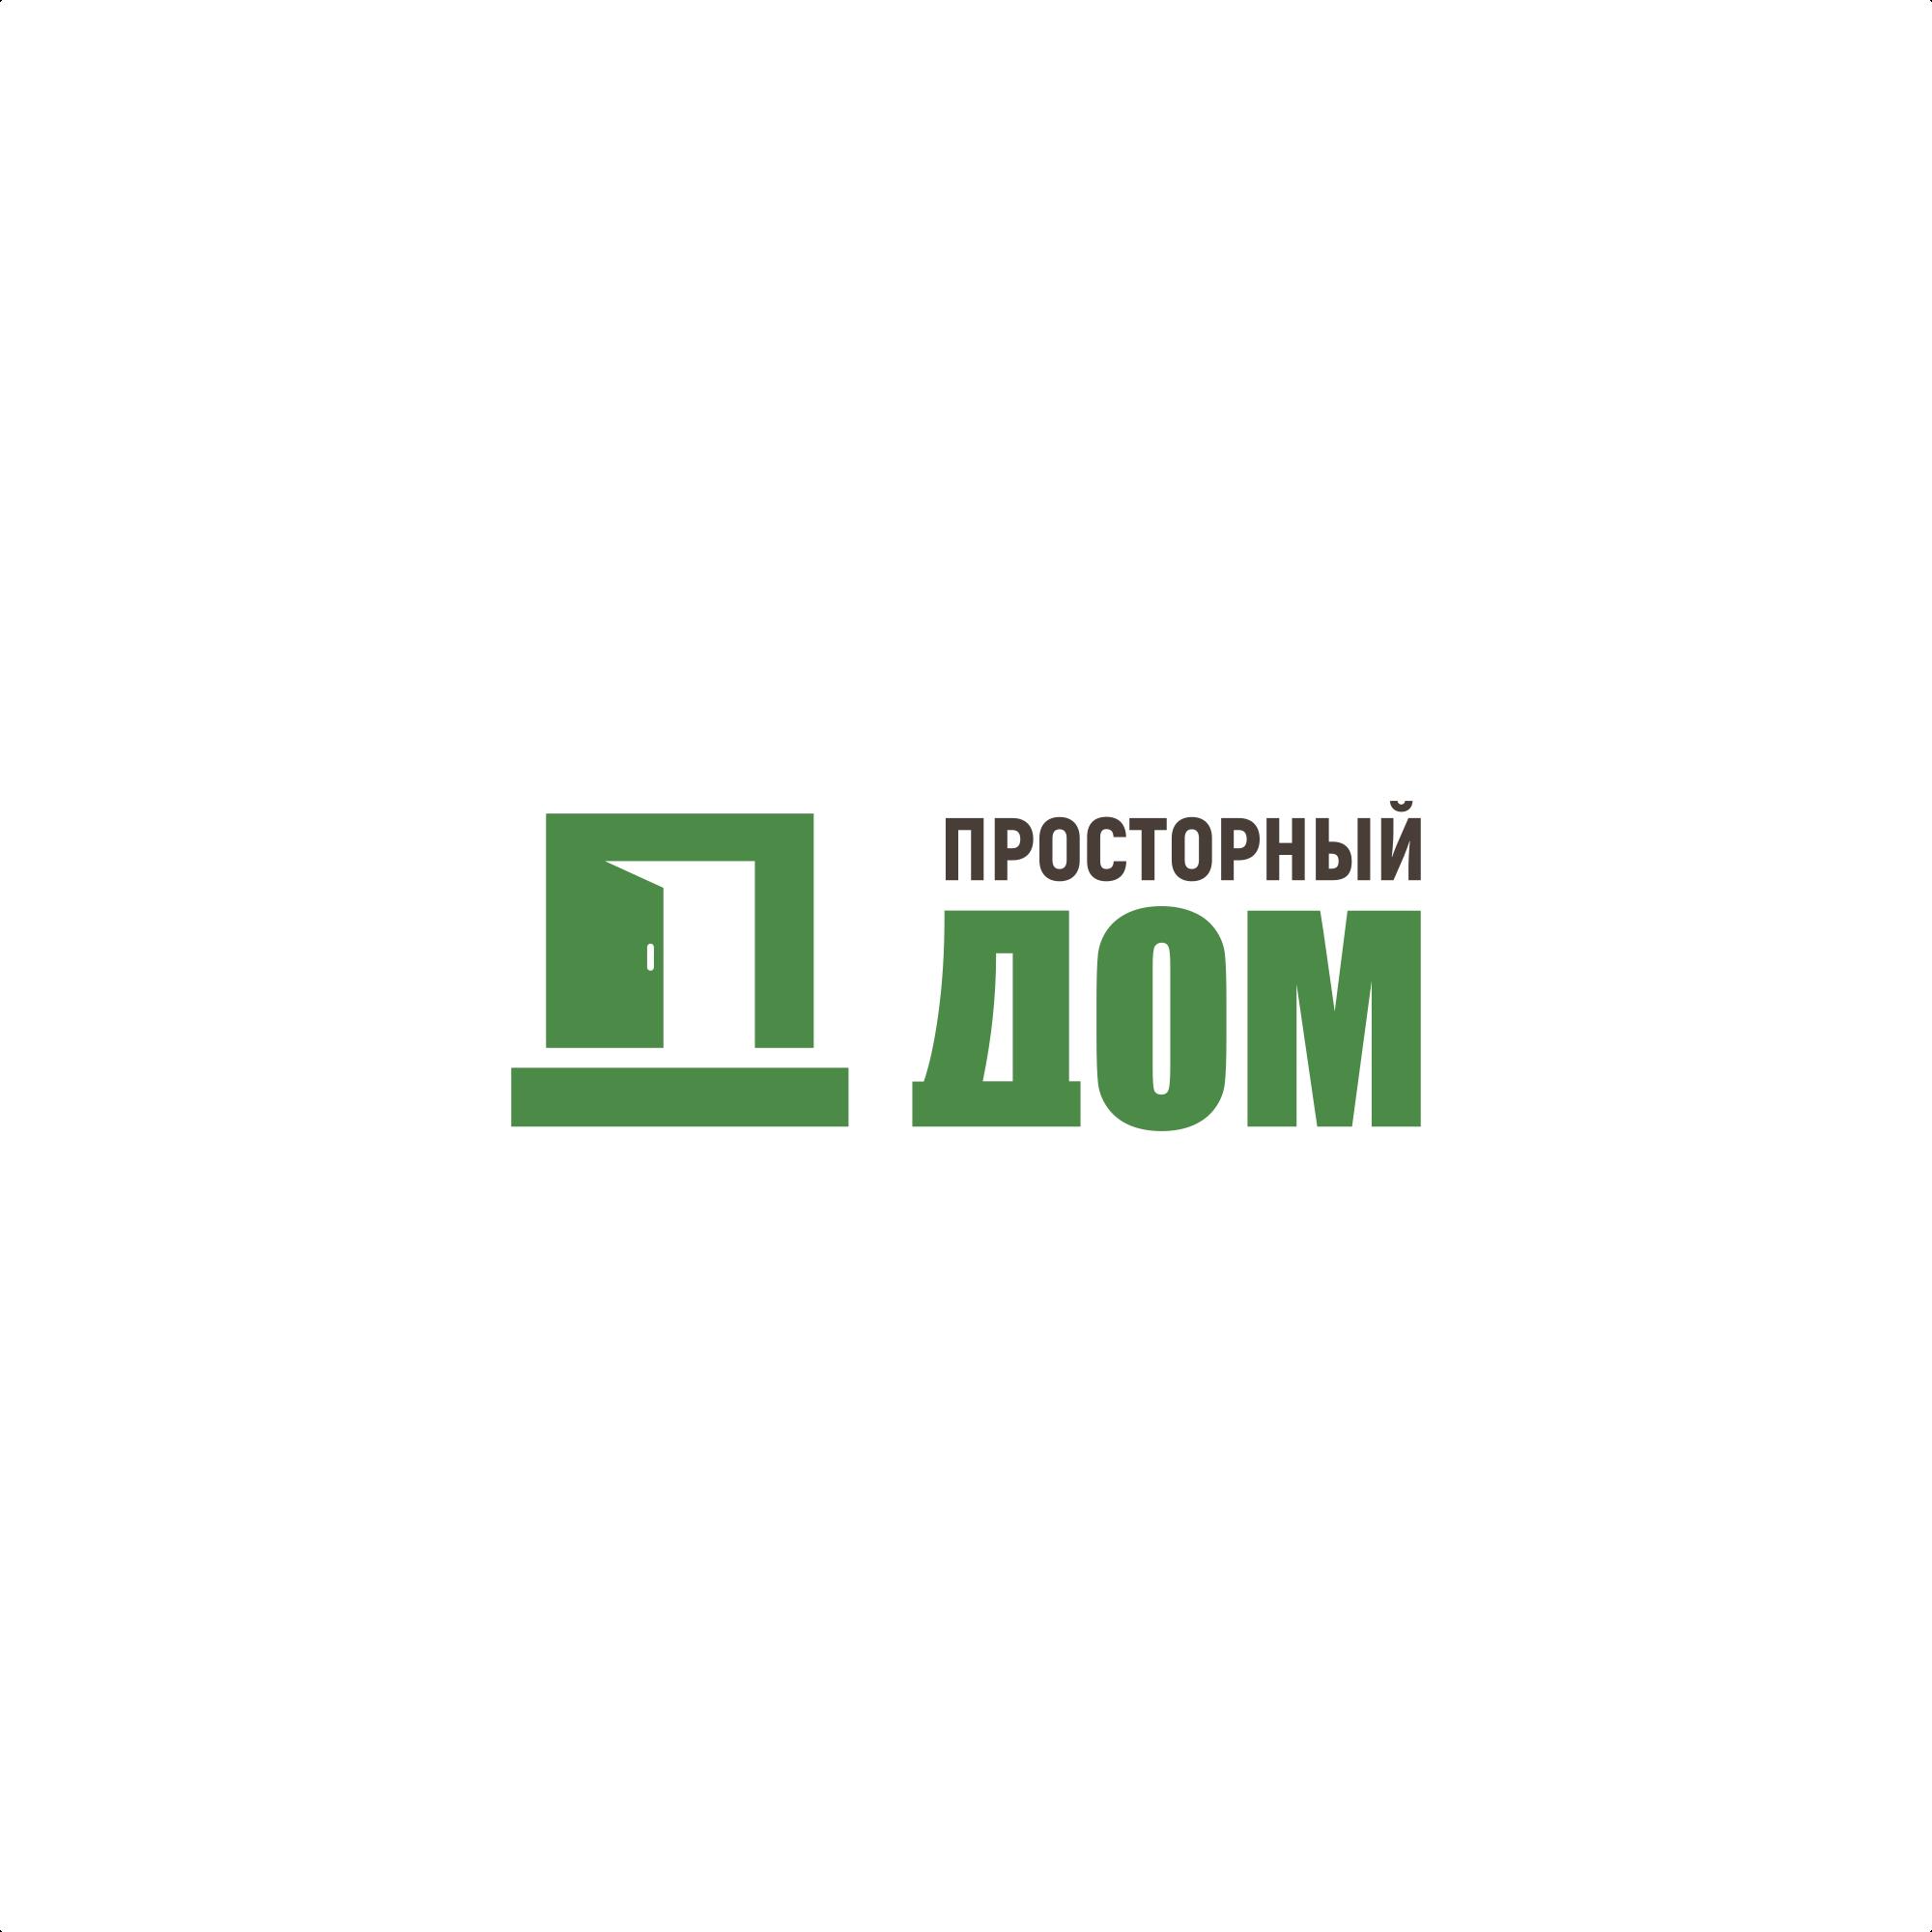 Логотип и фирменный стиль для компании по шкафам-купе фото f_8555b6cde6934159.png